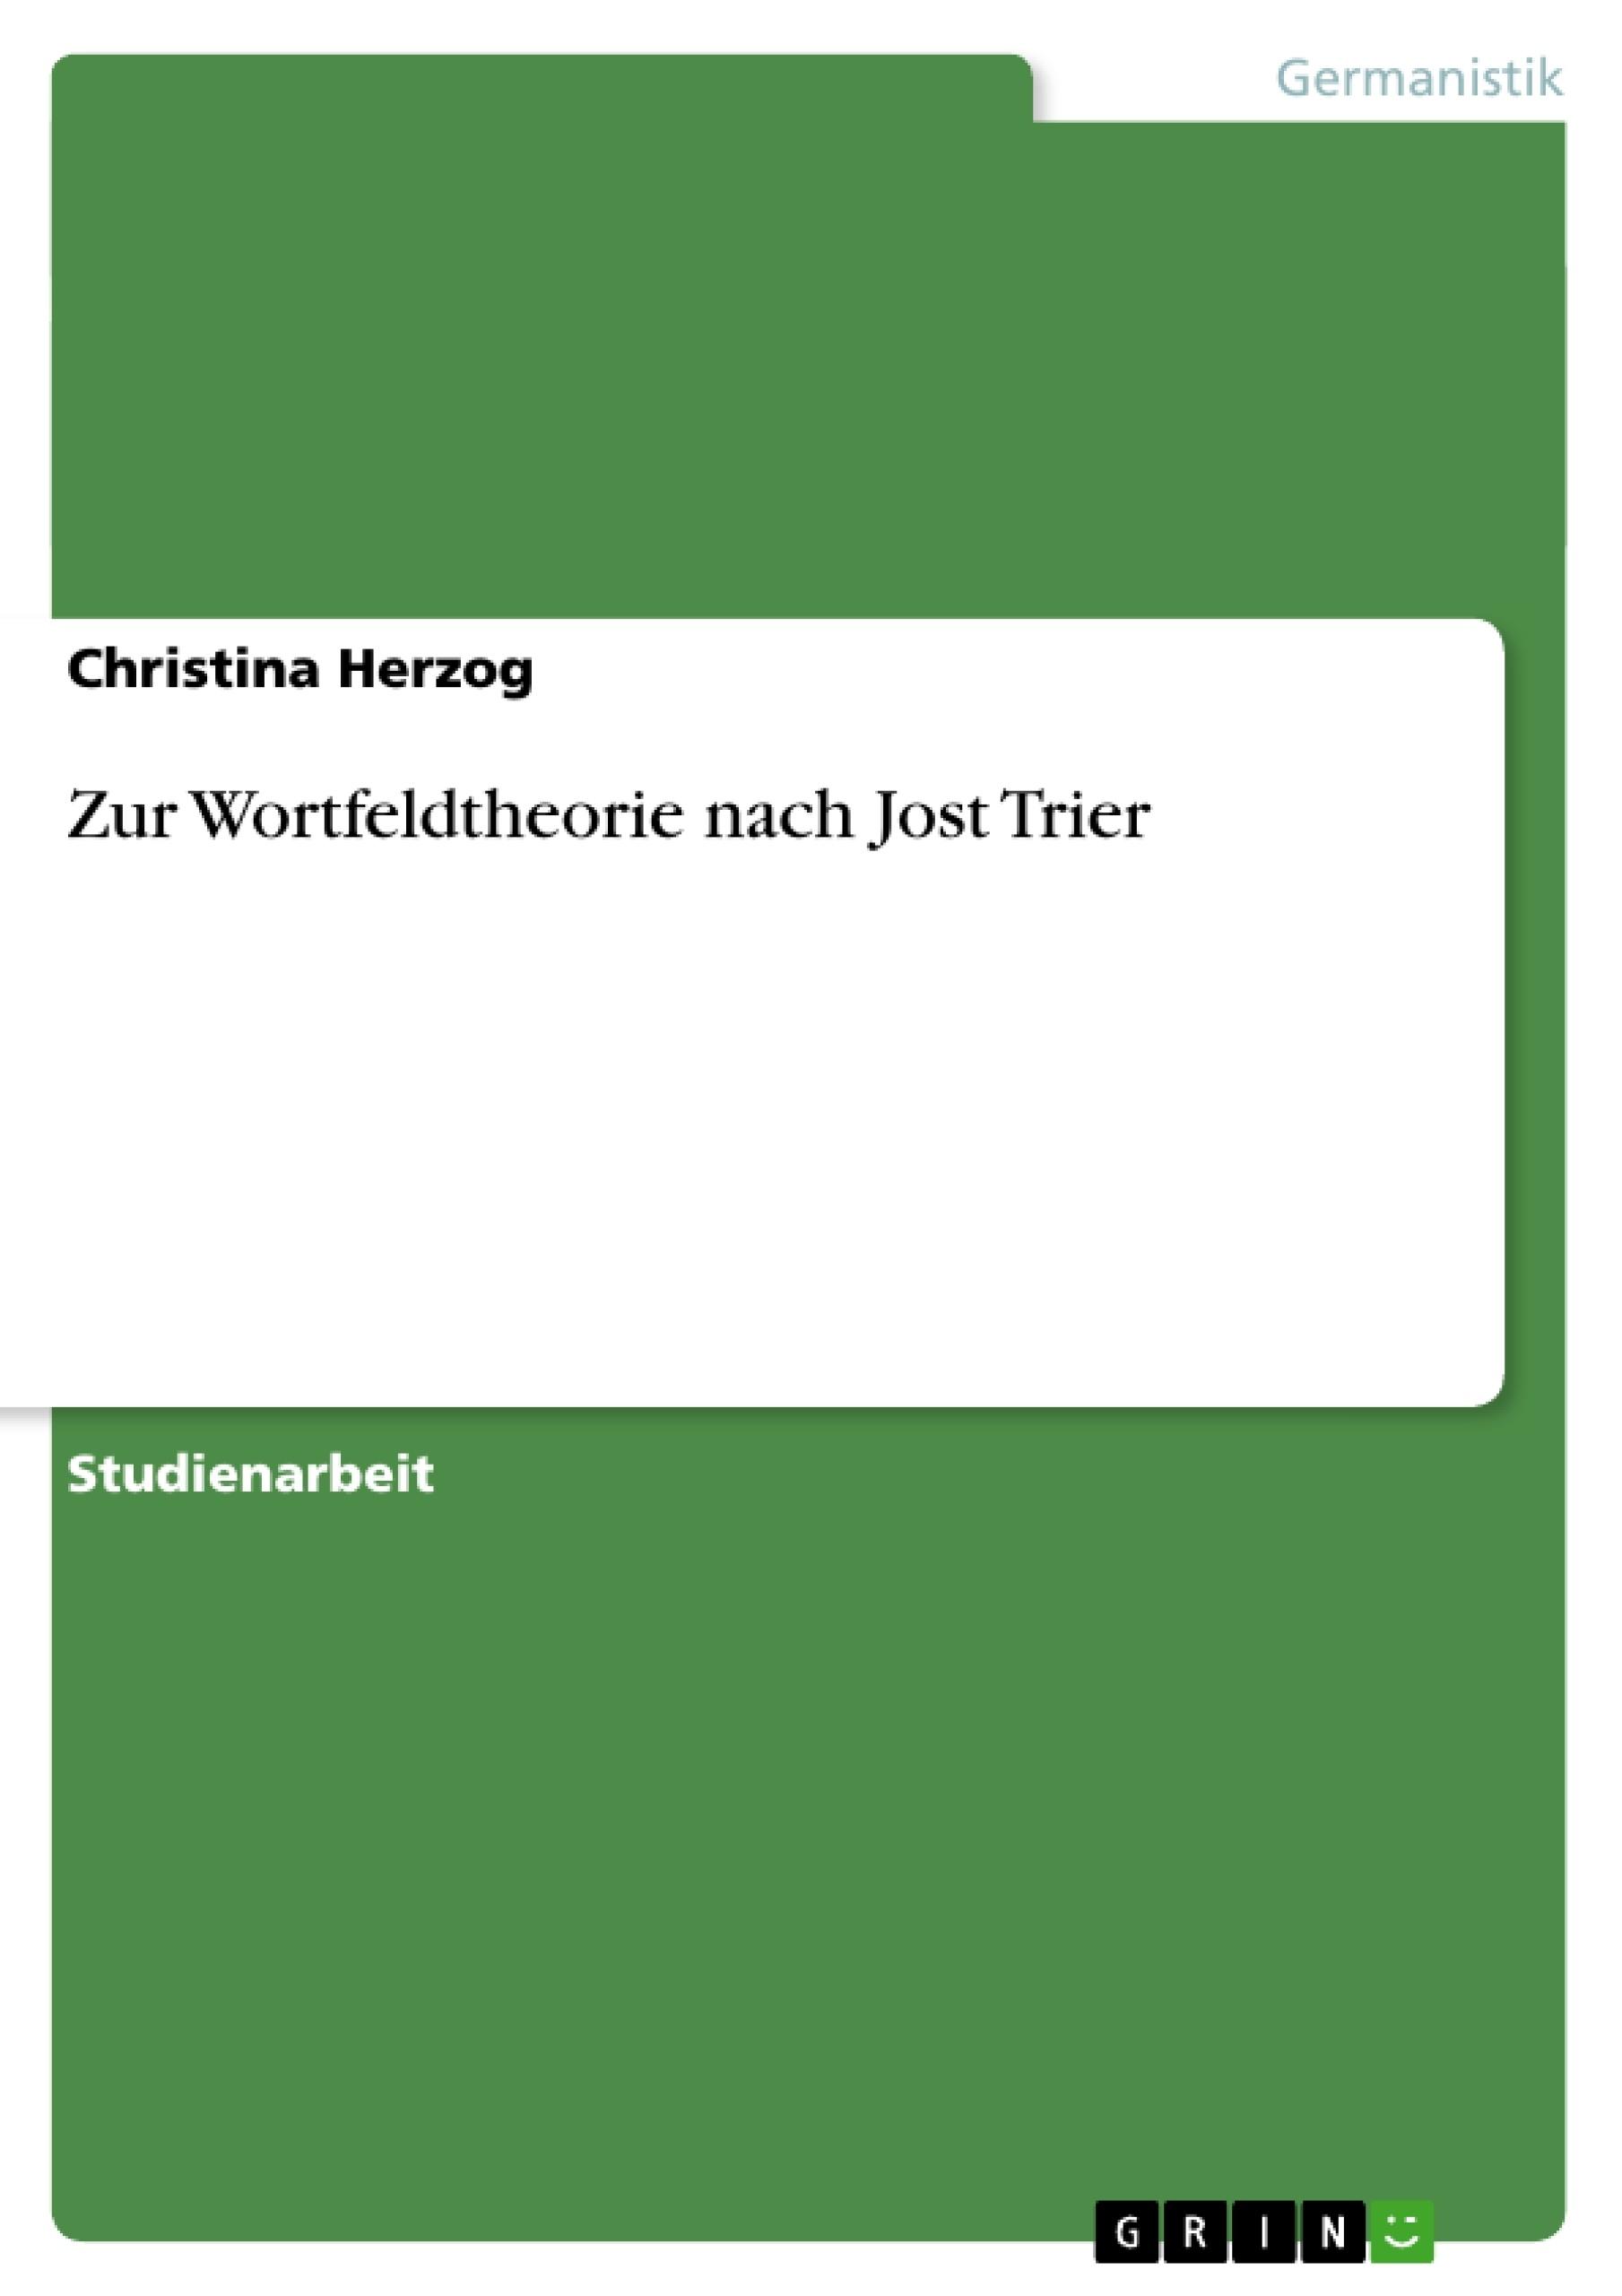 Titel: Zur Wortfeldtheorie nach Jost Trier